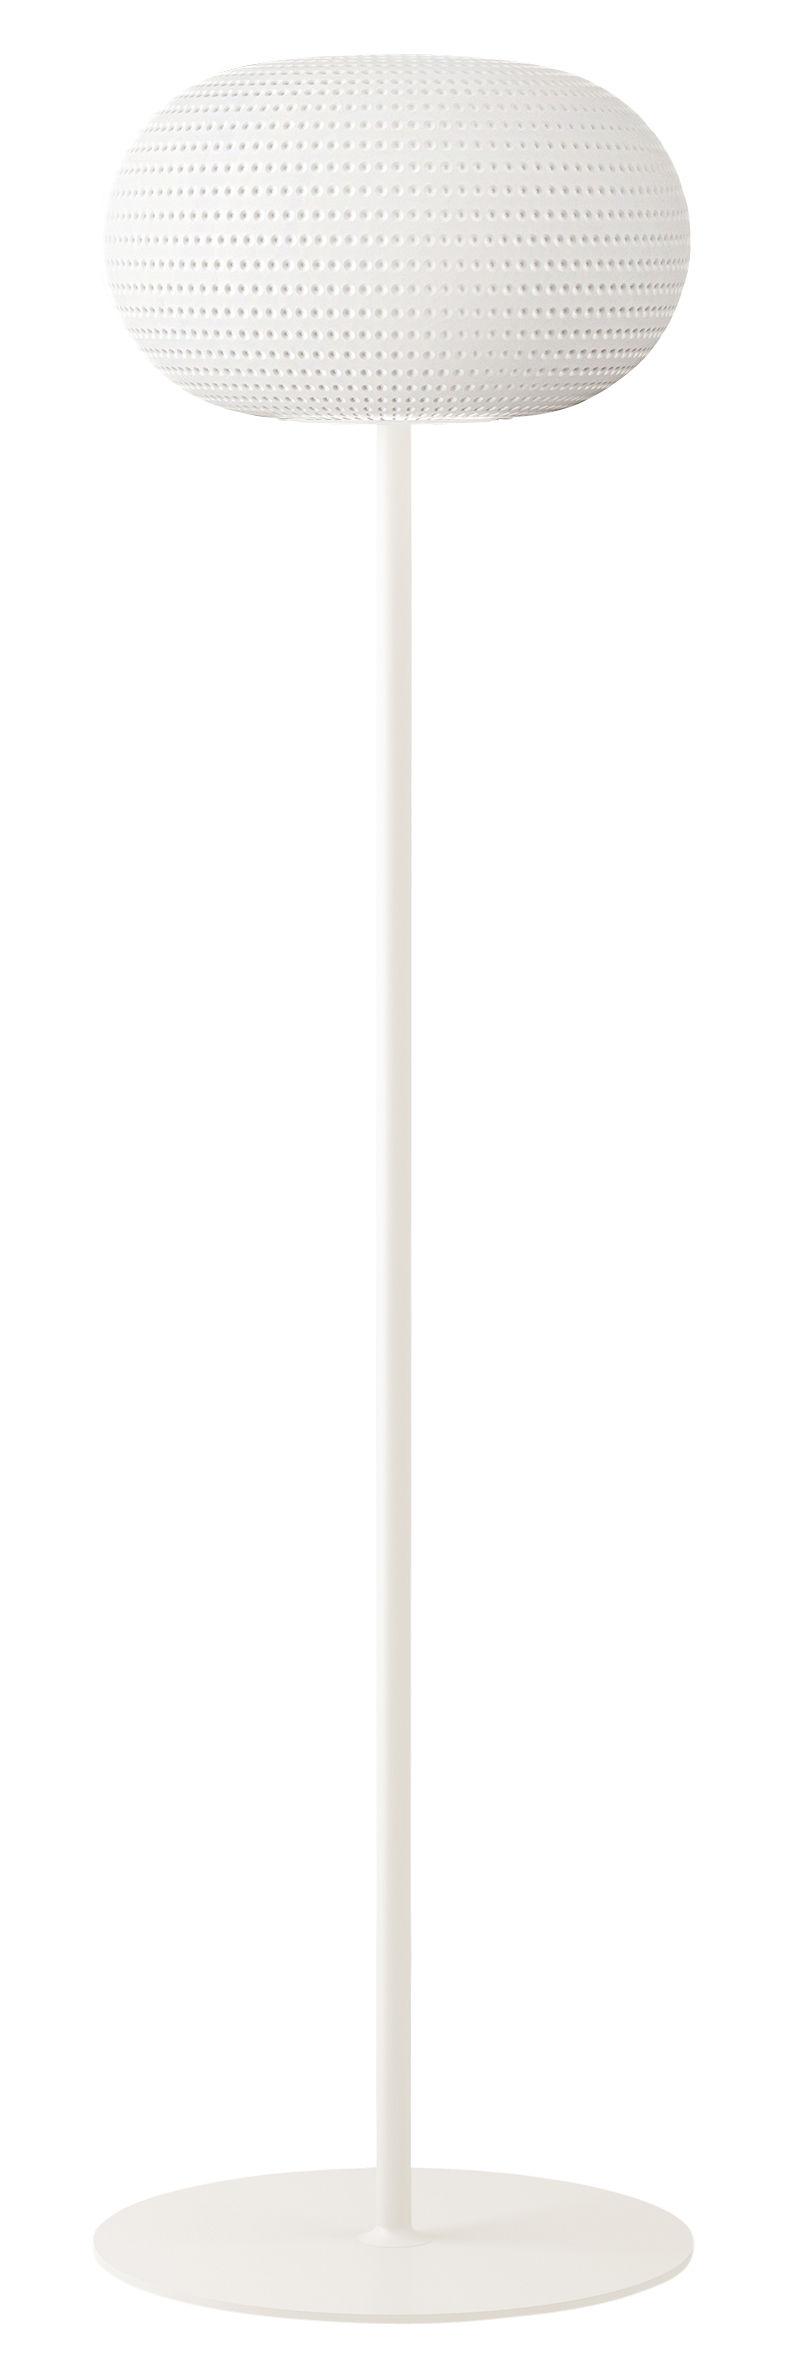 Leuchten - Stehleuchten - Bianca LED Stehleuchte - Fontana Arte - Blanc / Pied blanc - geblasenes Glas, lackiertes Metall